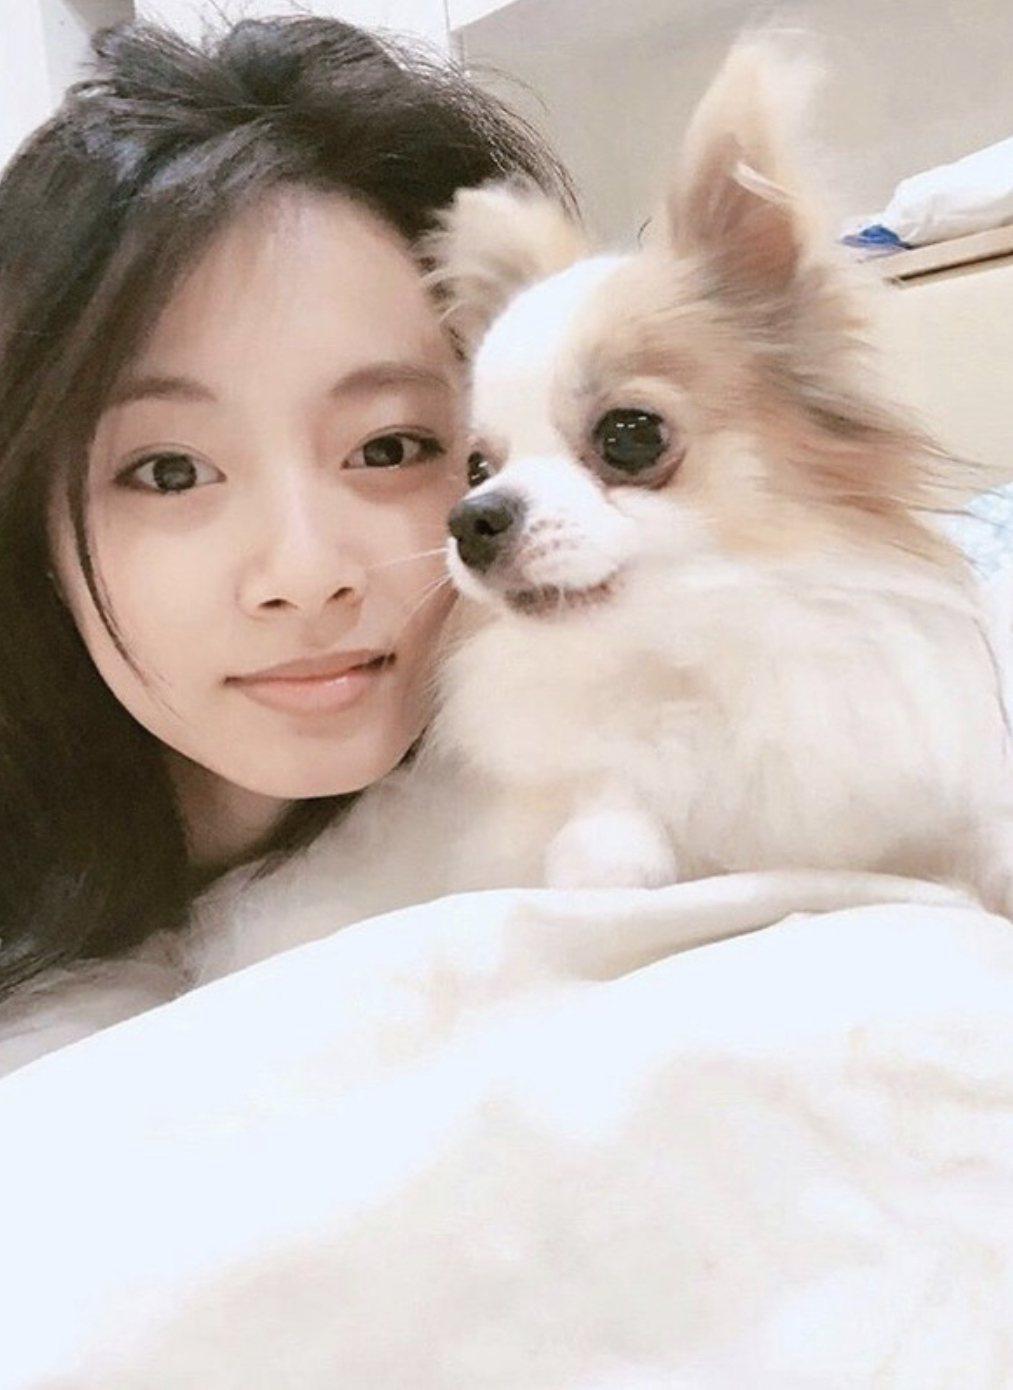 周子瑜與愛犬酷吉。圖/取自IG